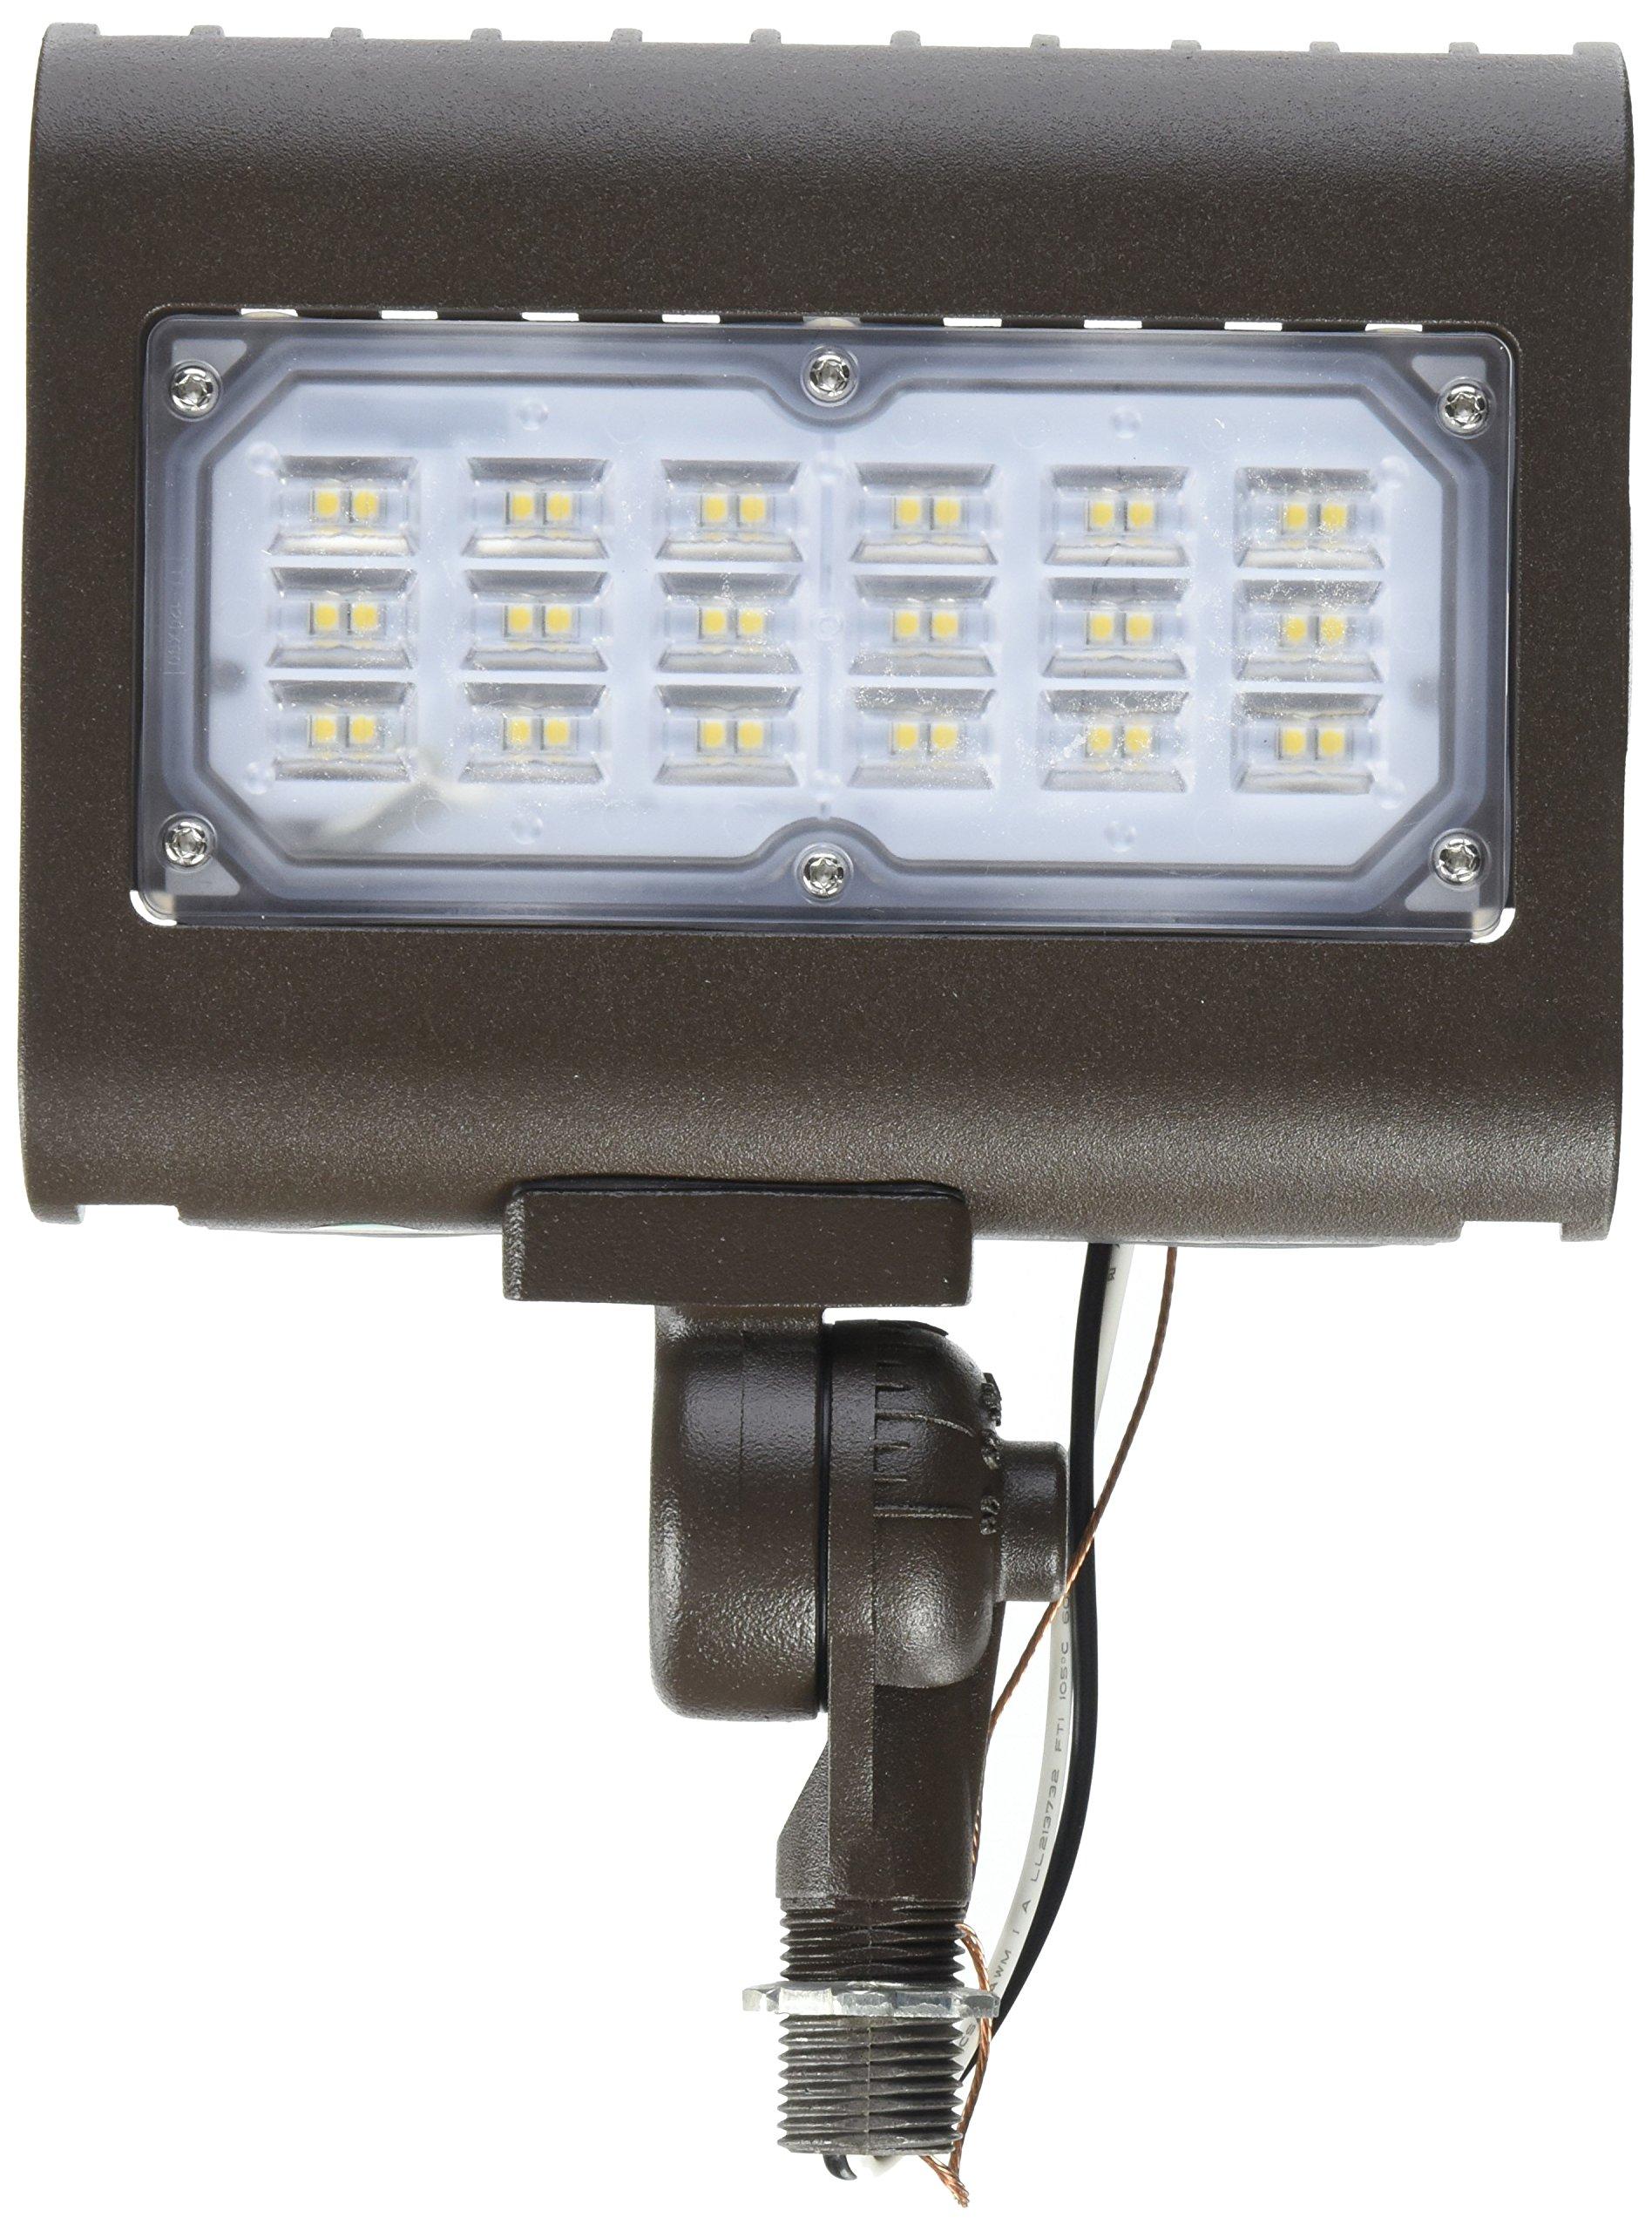 Morris 71554 30W 5000K LED Flat Panel Flood Light with 1/2'' Adjustable Knuckle Mount, 2995 lm, 120-277V, Bronze